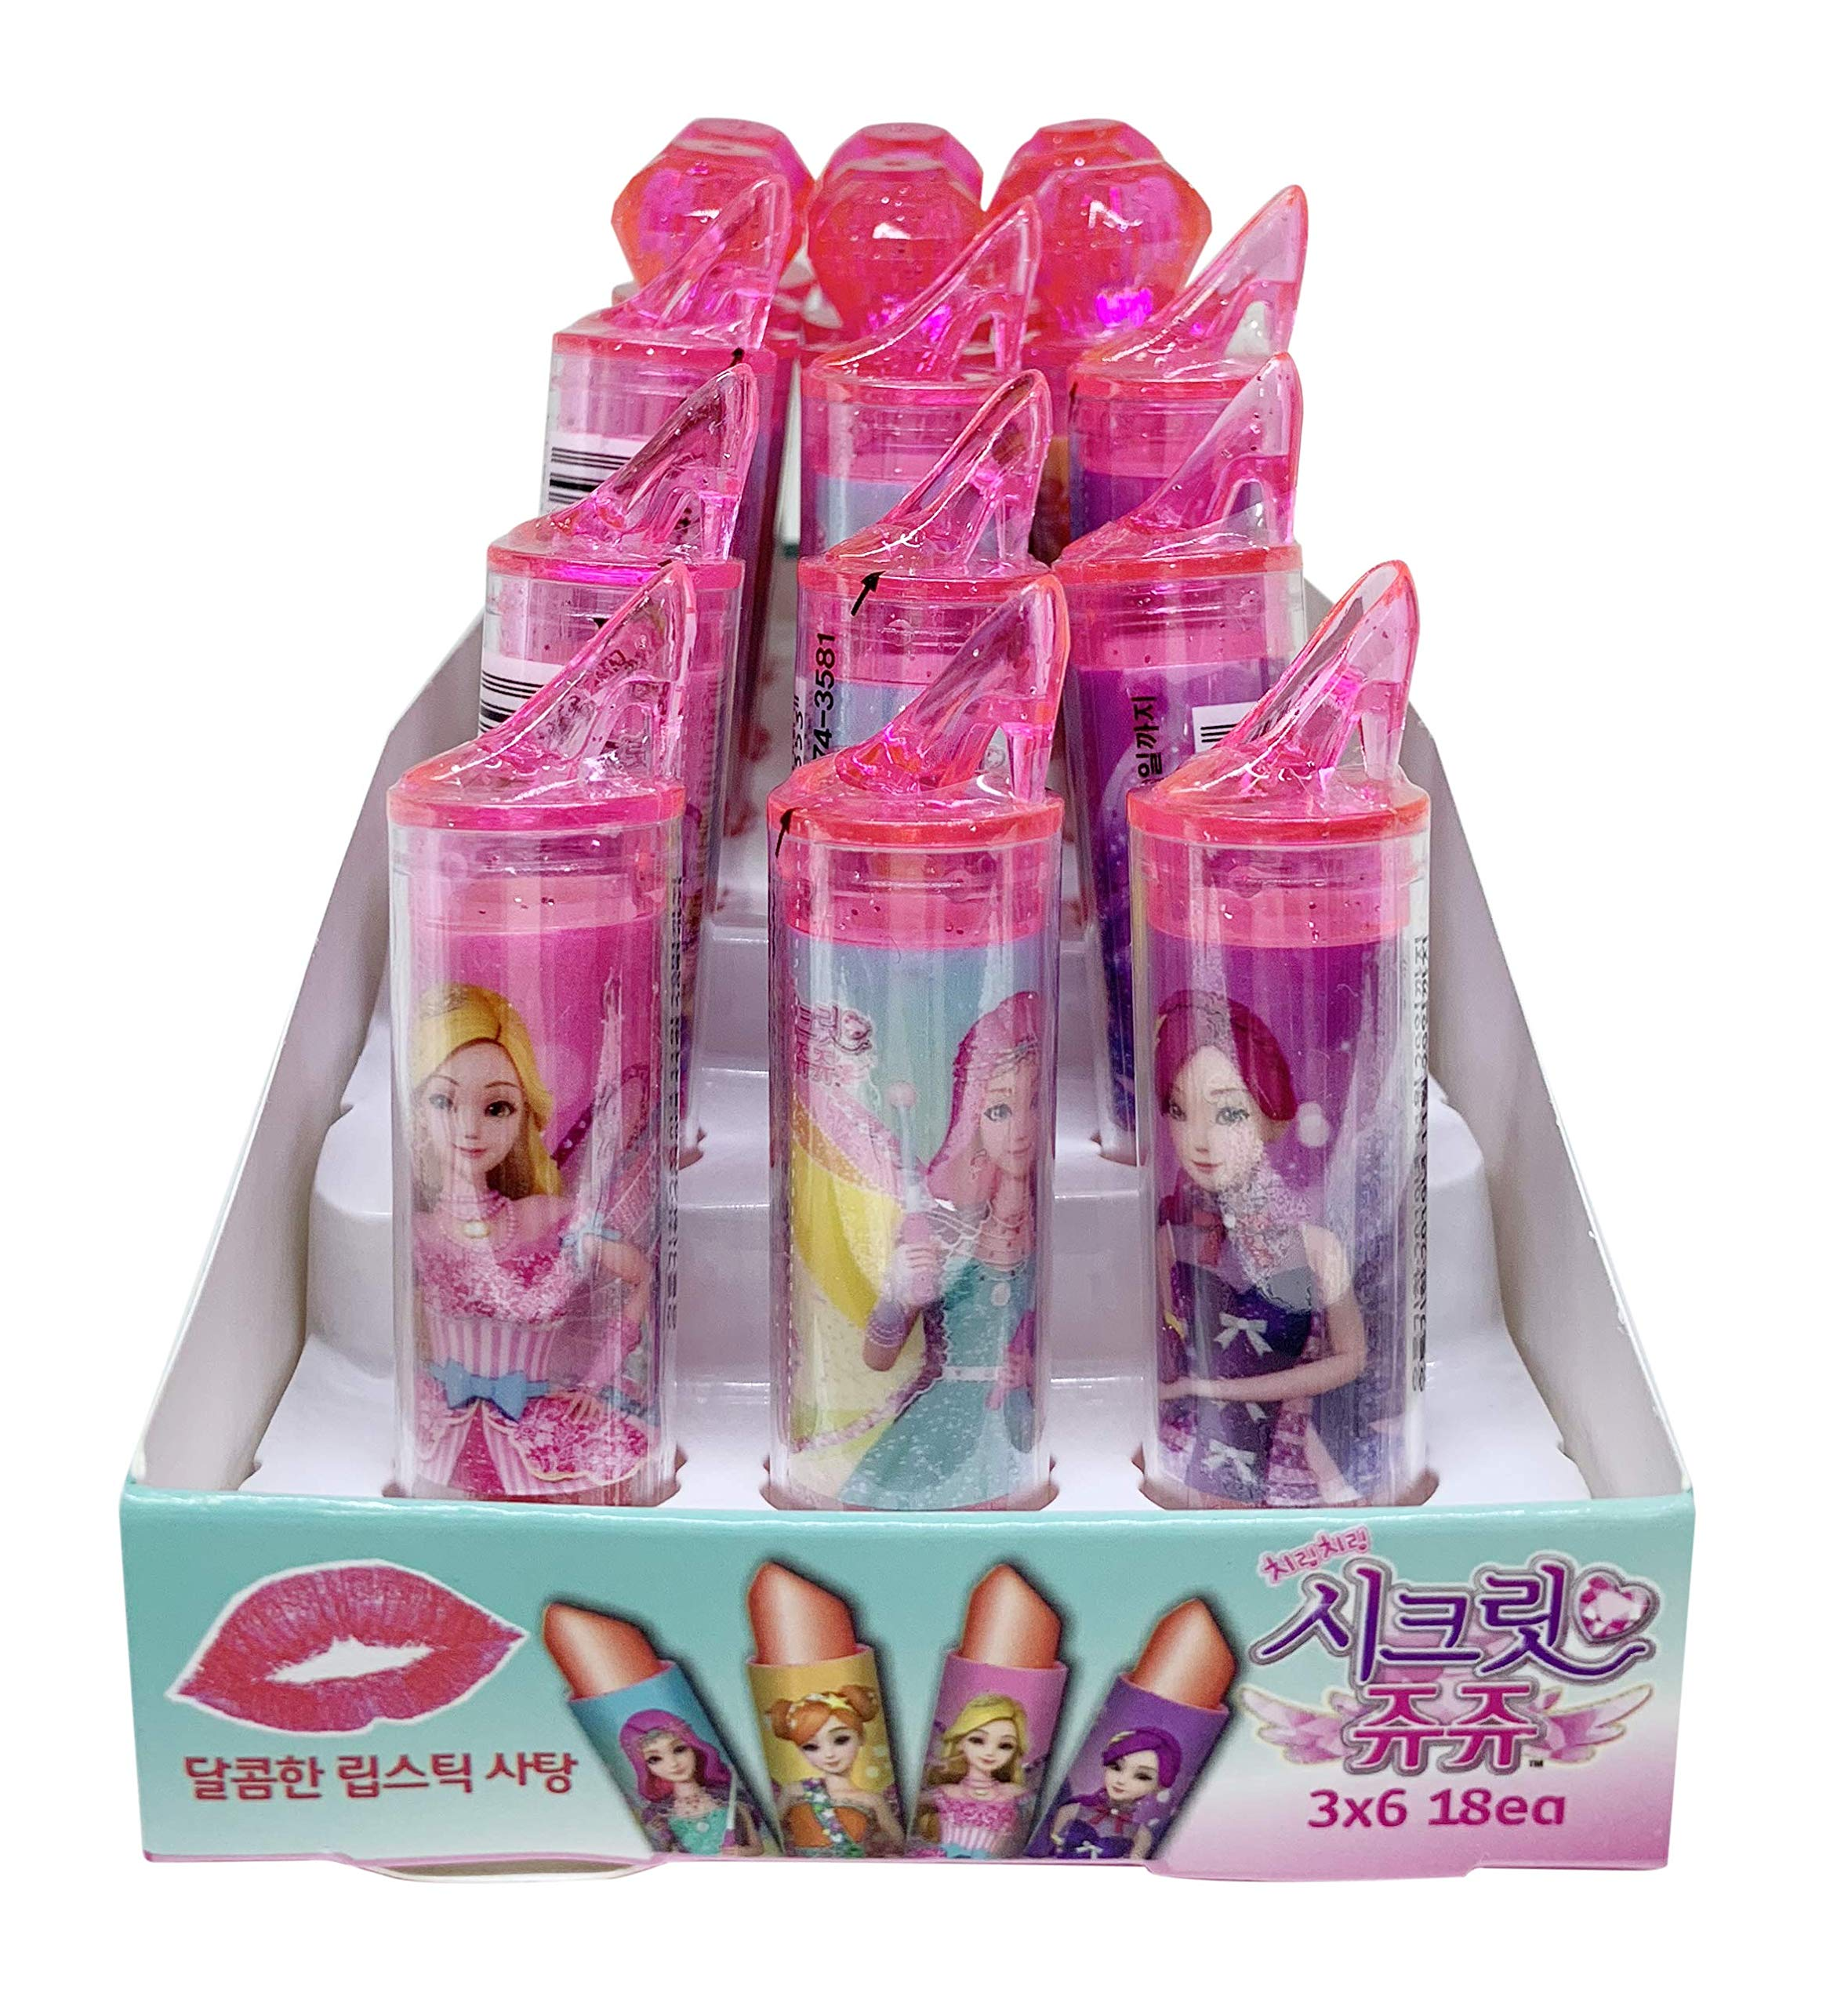 K-POP PRINCESS LIPSTICK CANDY(SECRET JOUJU) by lynn.company